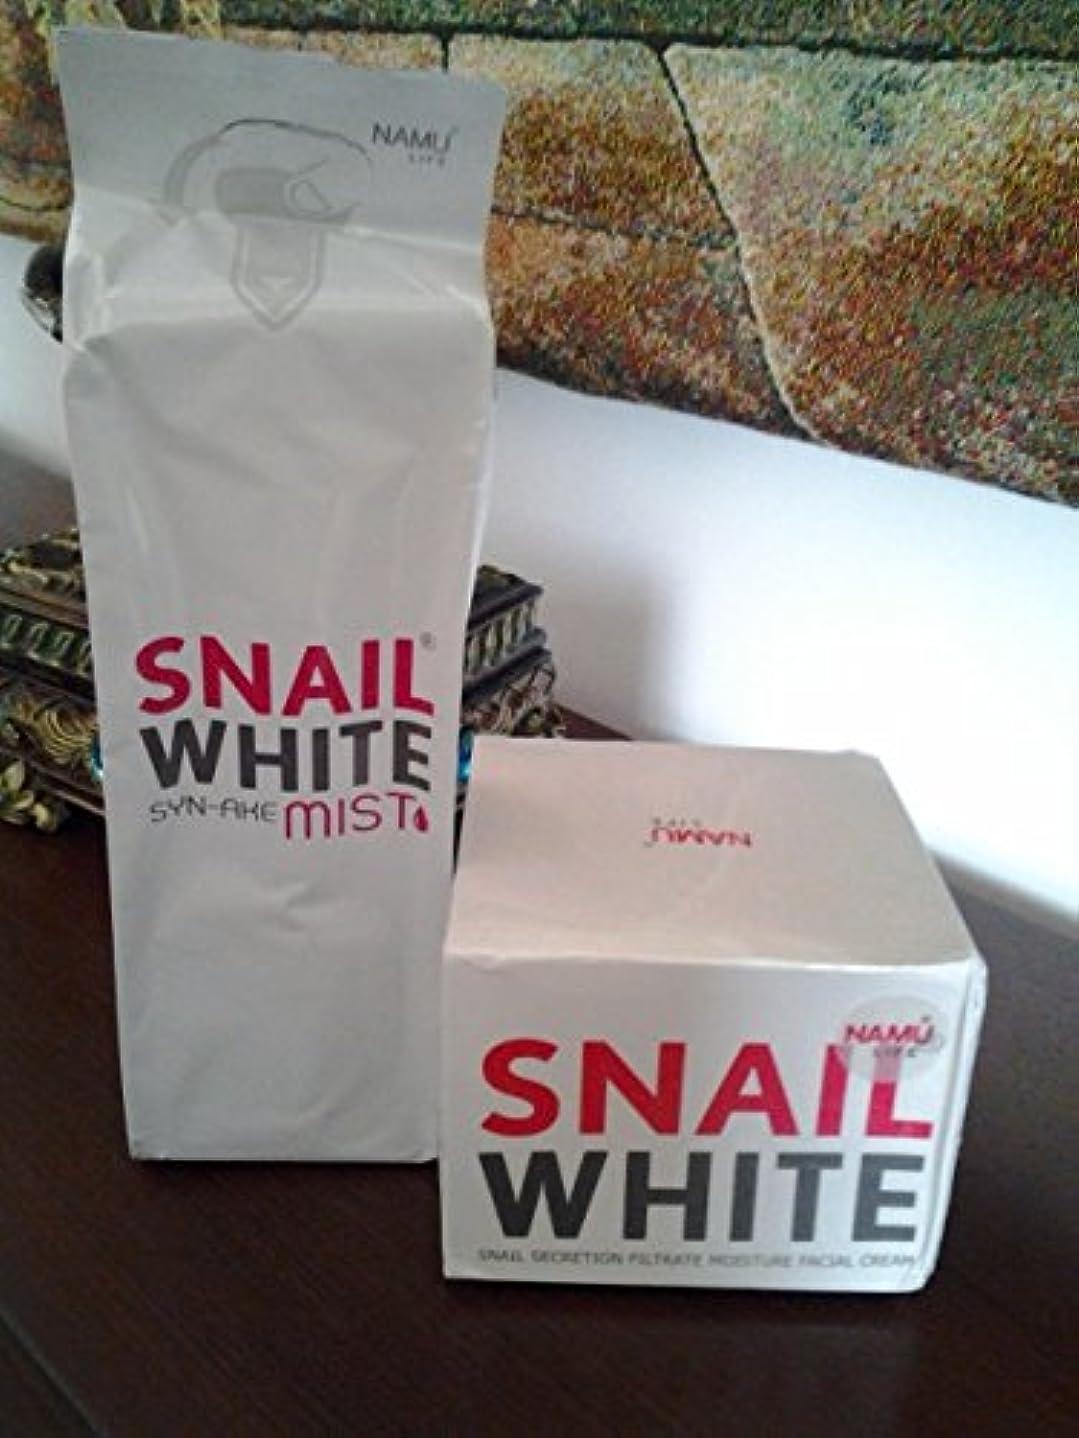 講師帆慣れるSnailホワイトクリーム+カタツムリホワイトsyn-ake Mist Snail